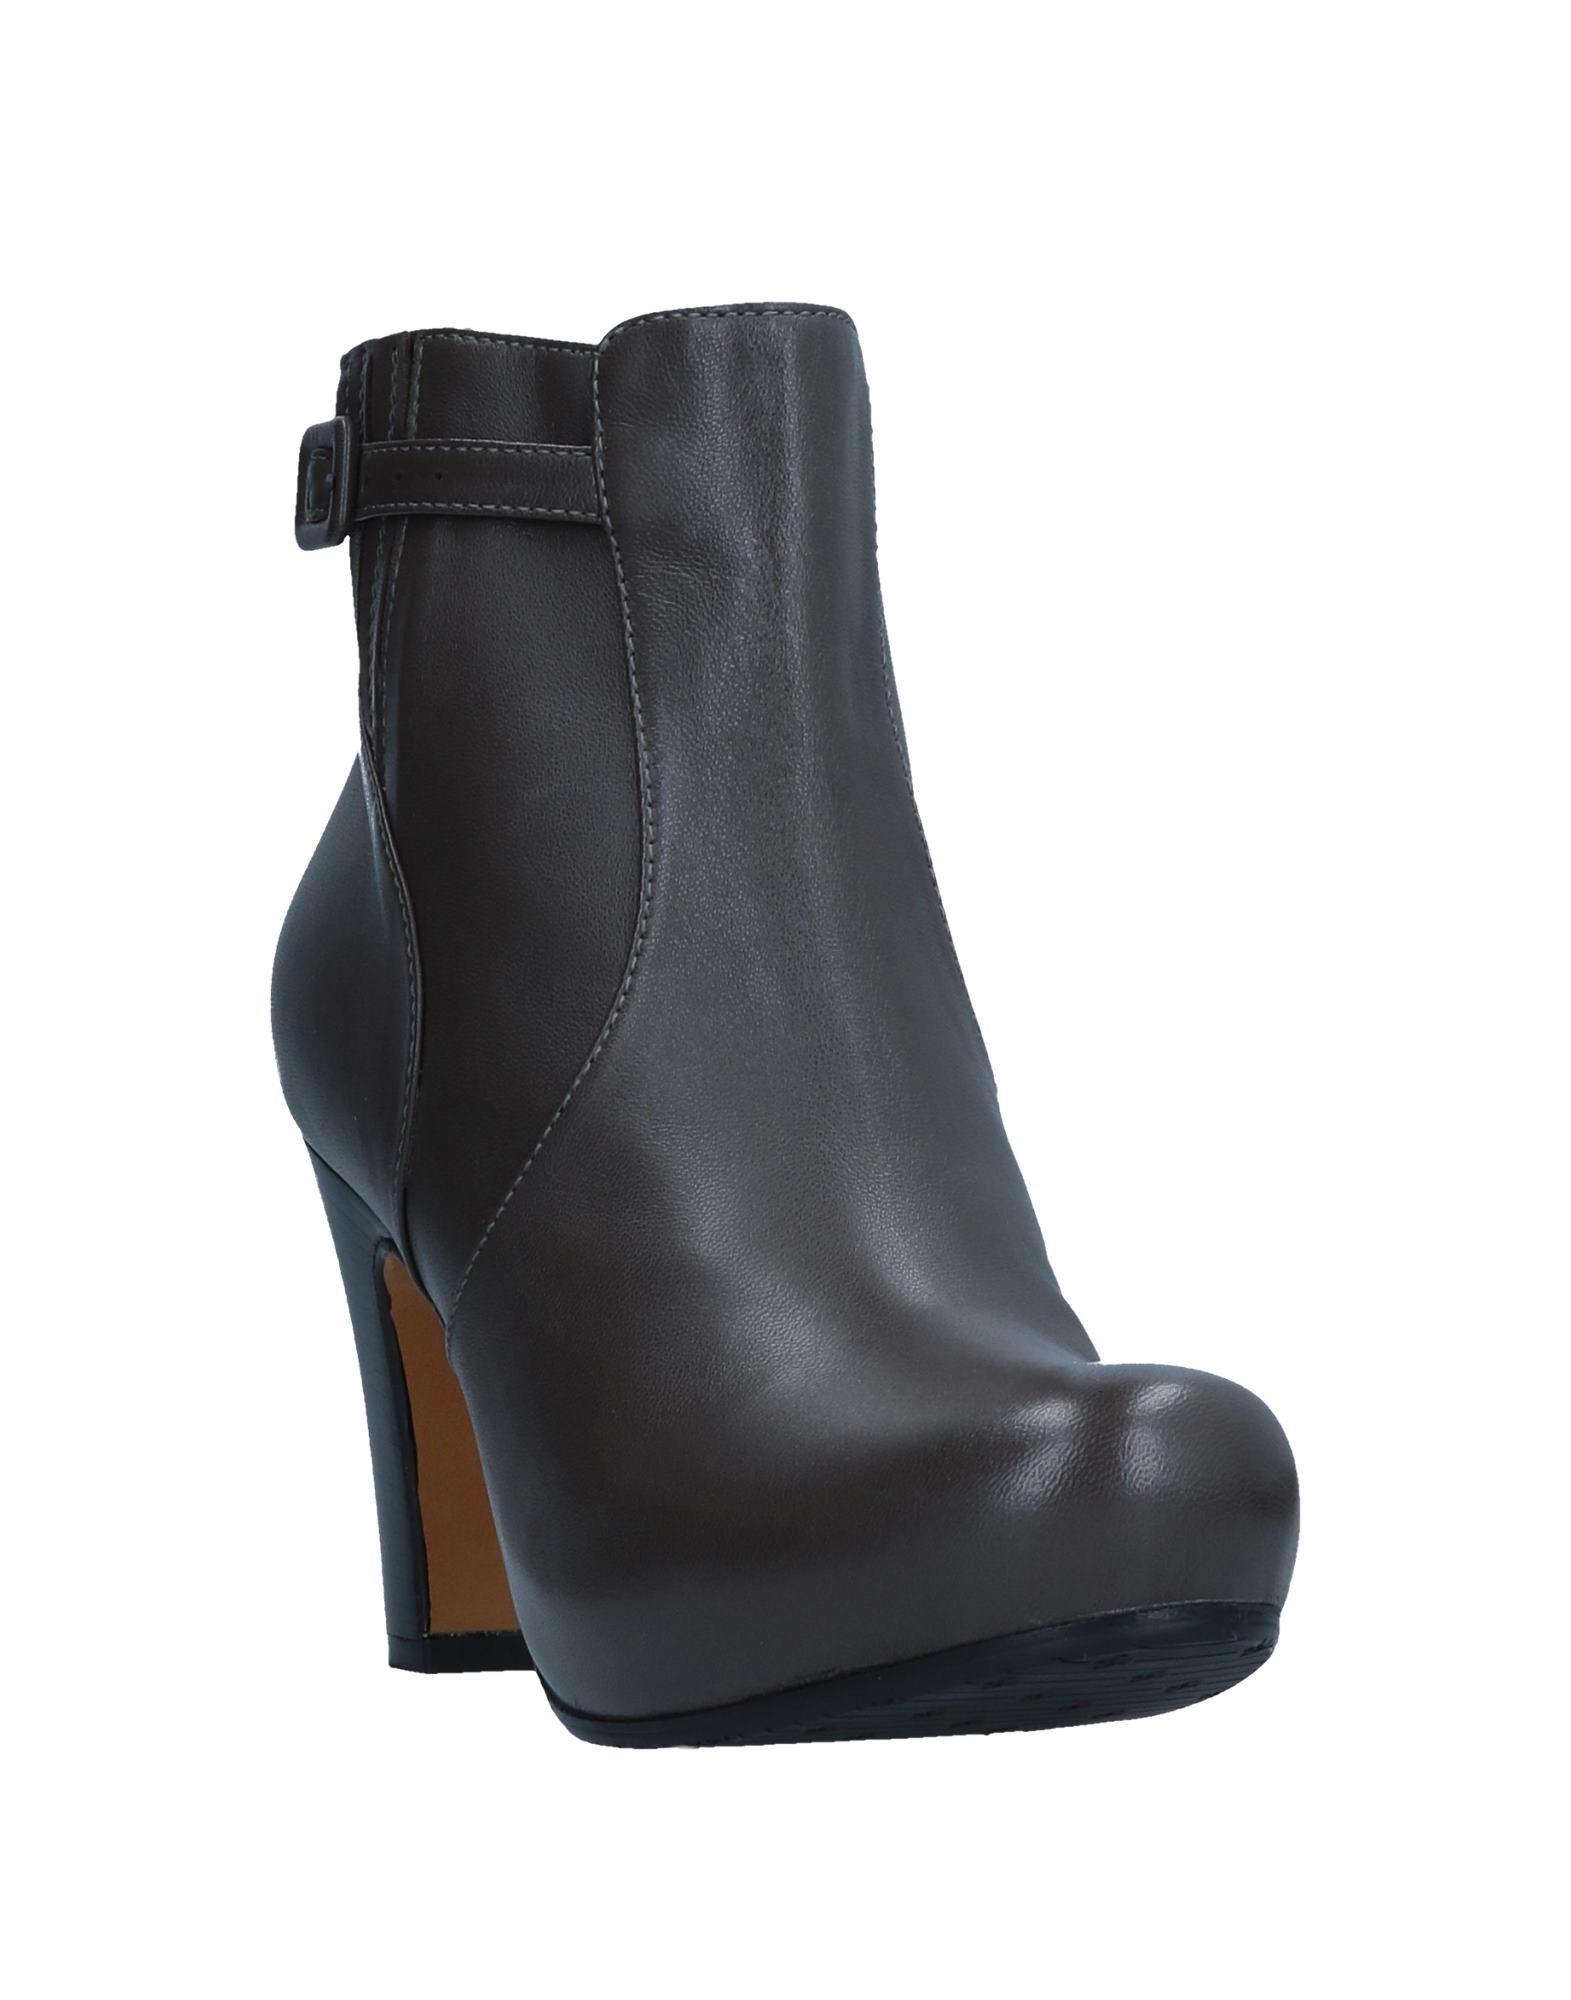 Guido Sgariglia Stiefelette Damen  11546843PGGut Schuhe aussehende strapazierfähige Schuhe 11546843PGGut f68585